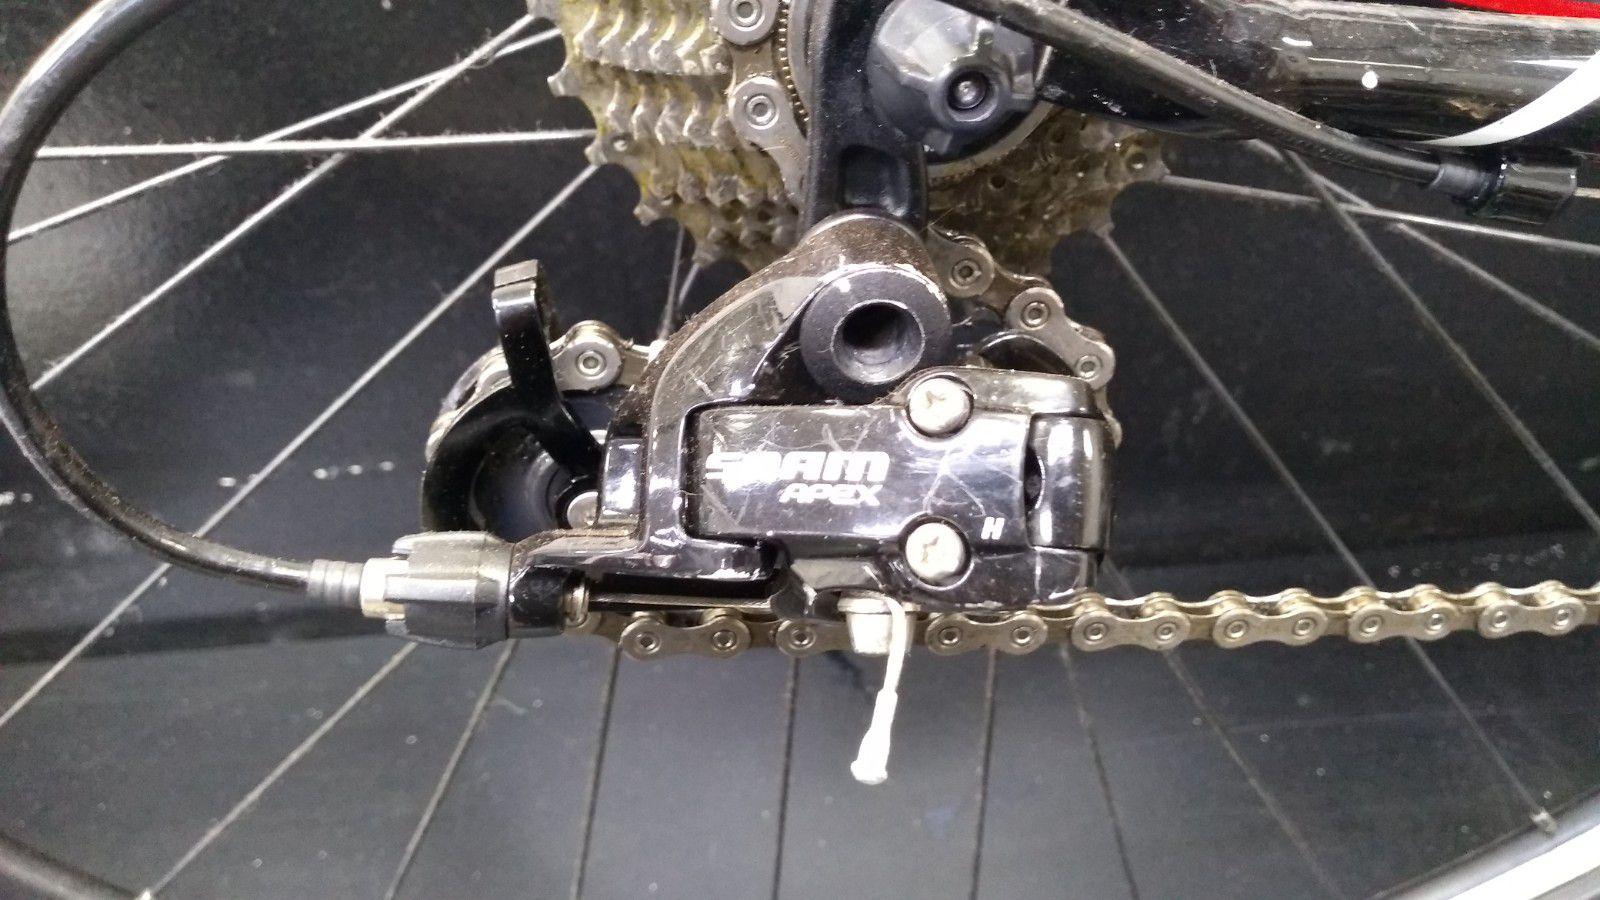 Bicicleta Specialized Shiv Elite - Tamanho Pequeno (produto usado)